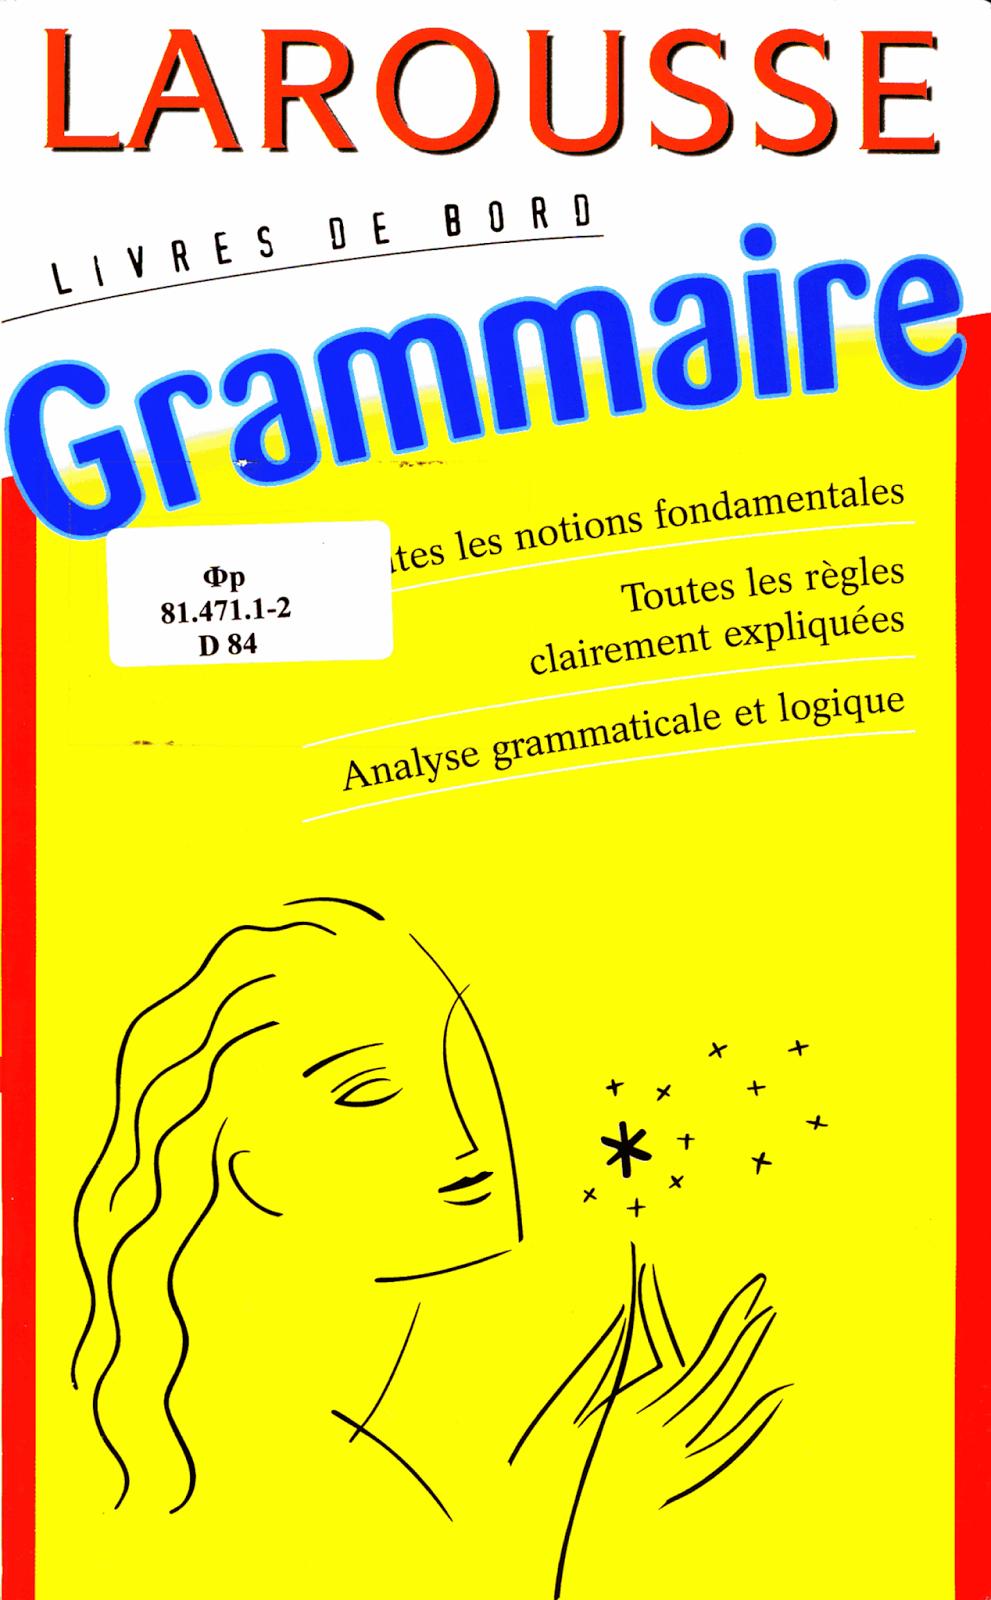 Grammaire Larousse Livre De Bord Pdf Gratuit Information